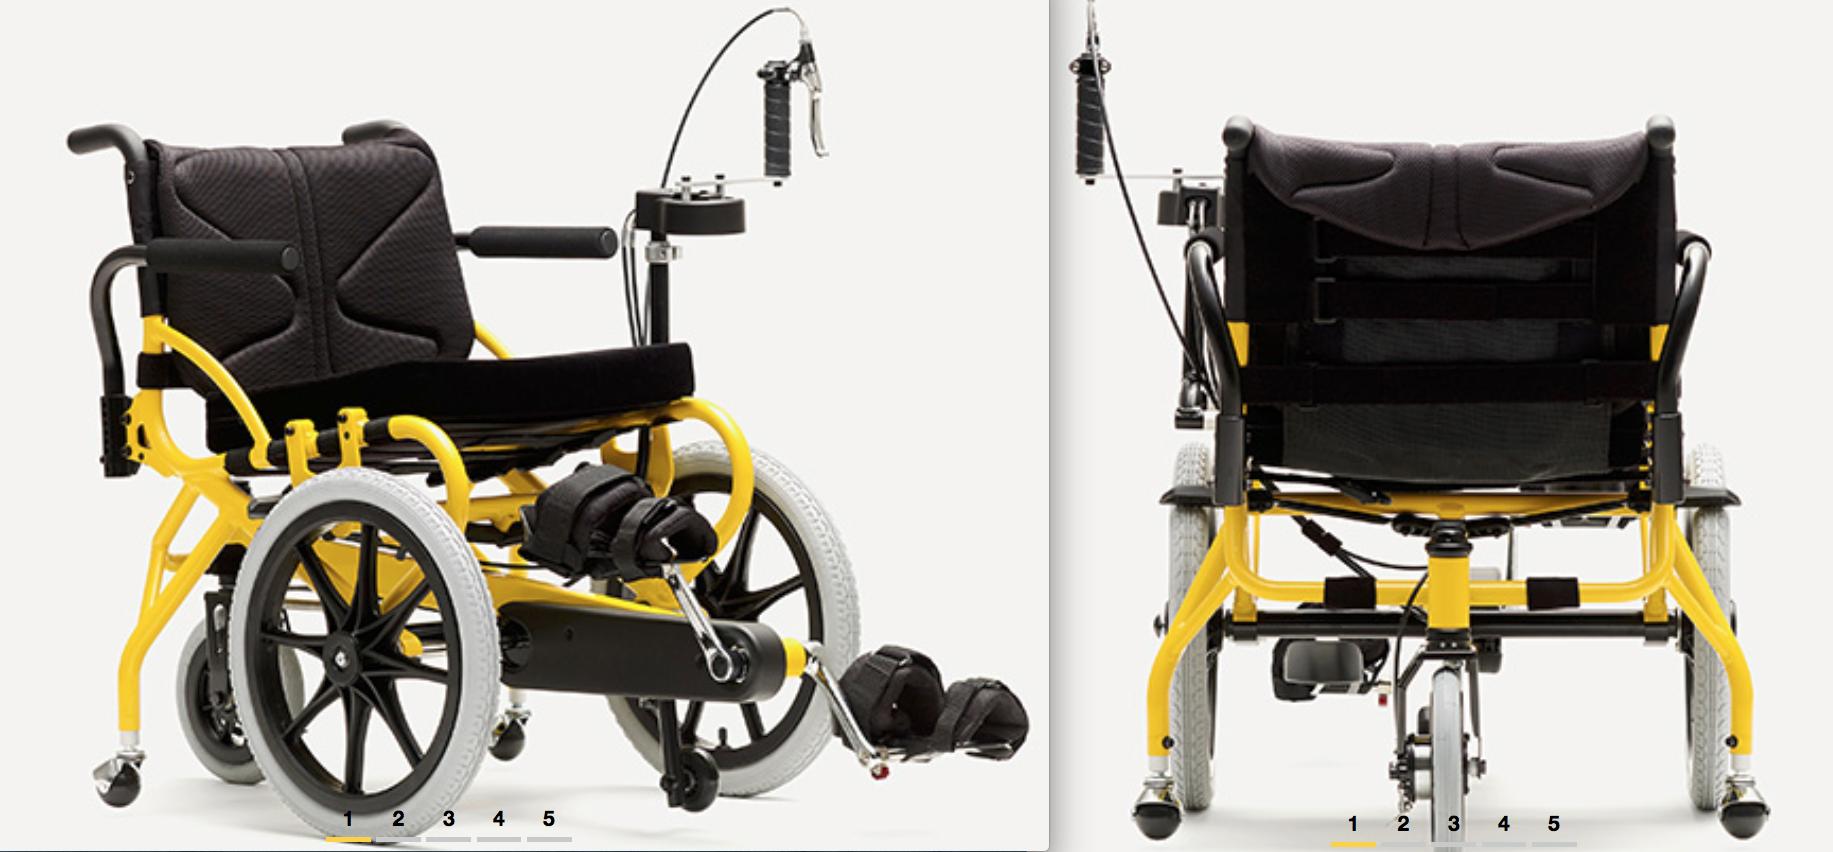 腳踏車加輪椅的奇蹟,不能走的老爺爺真的能動了!